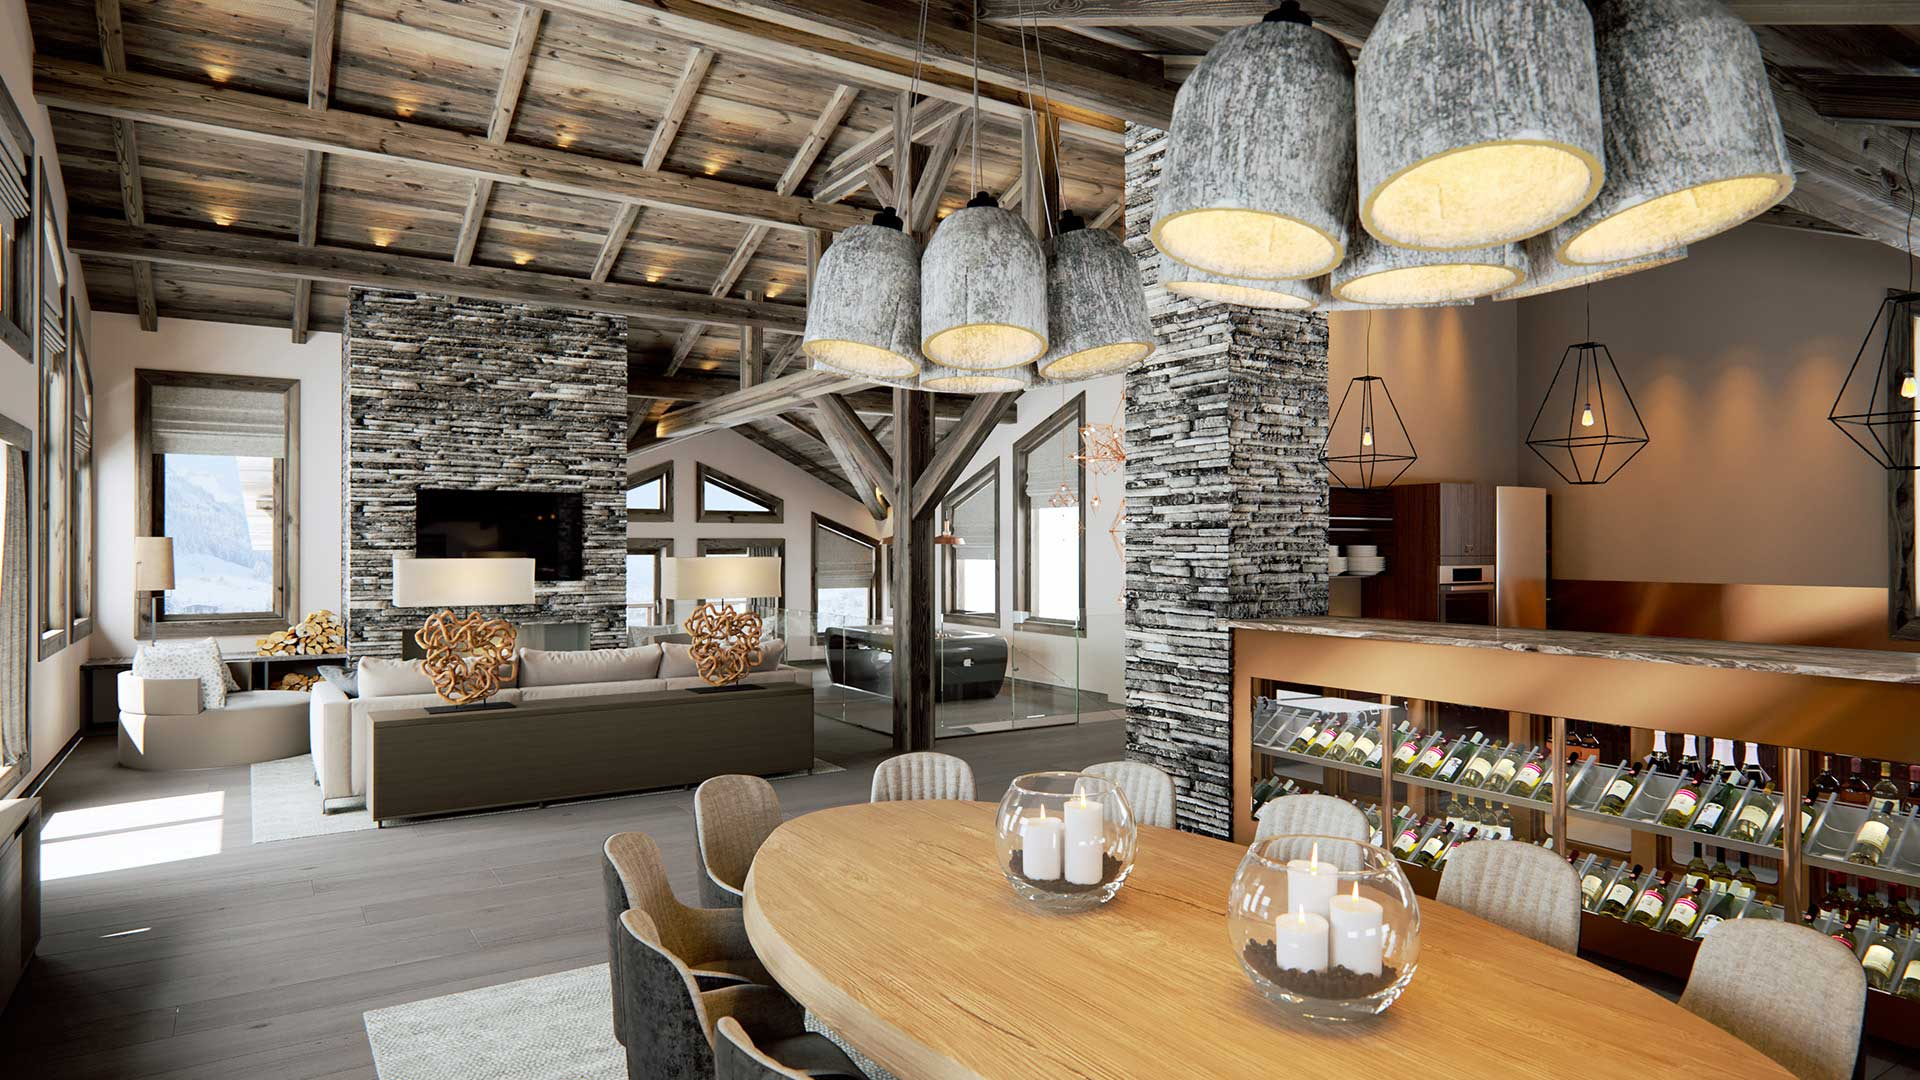 infographie 3d rendu image de synth se salle de repas. Black Bedroom Furniture Sets. Home Design Ideas